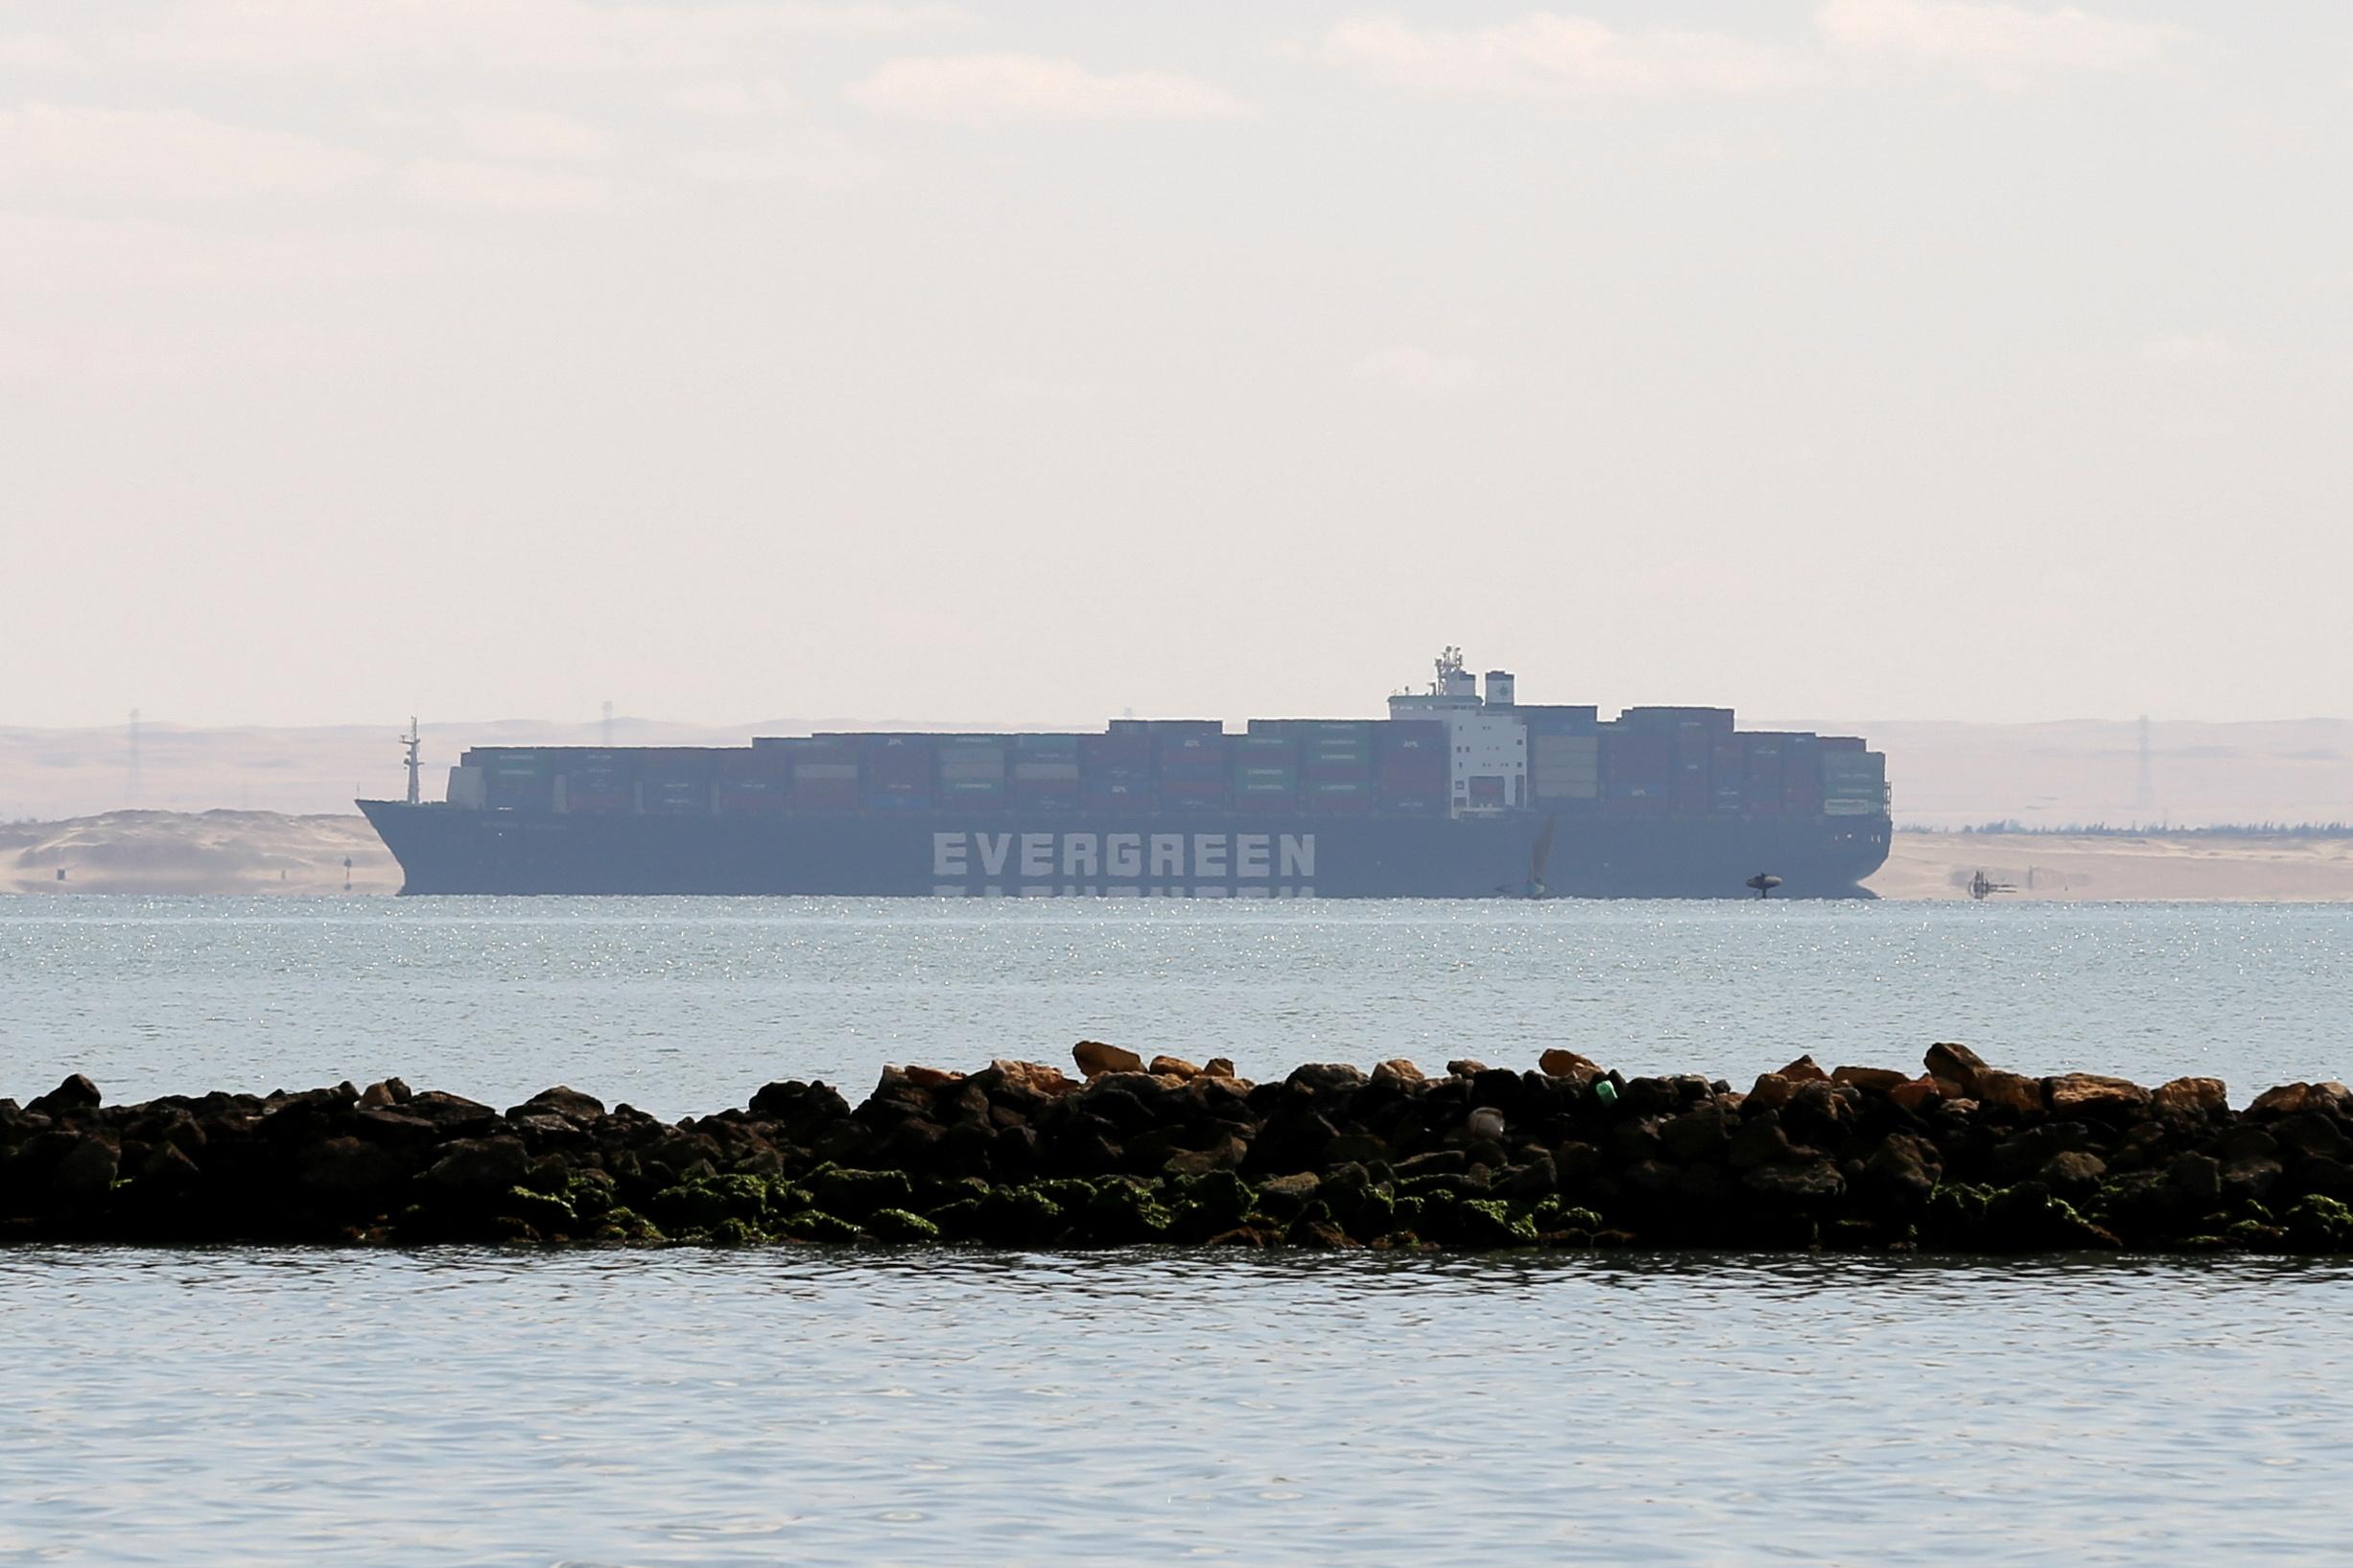 Διώρυγα του Σουέζ: Σε 3,5 μέρες θα αποκατασταθεί η κυκλοφορία των πλοίων